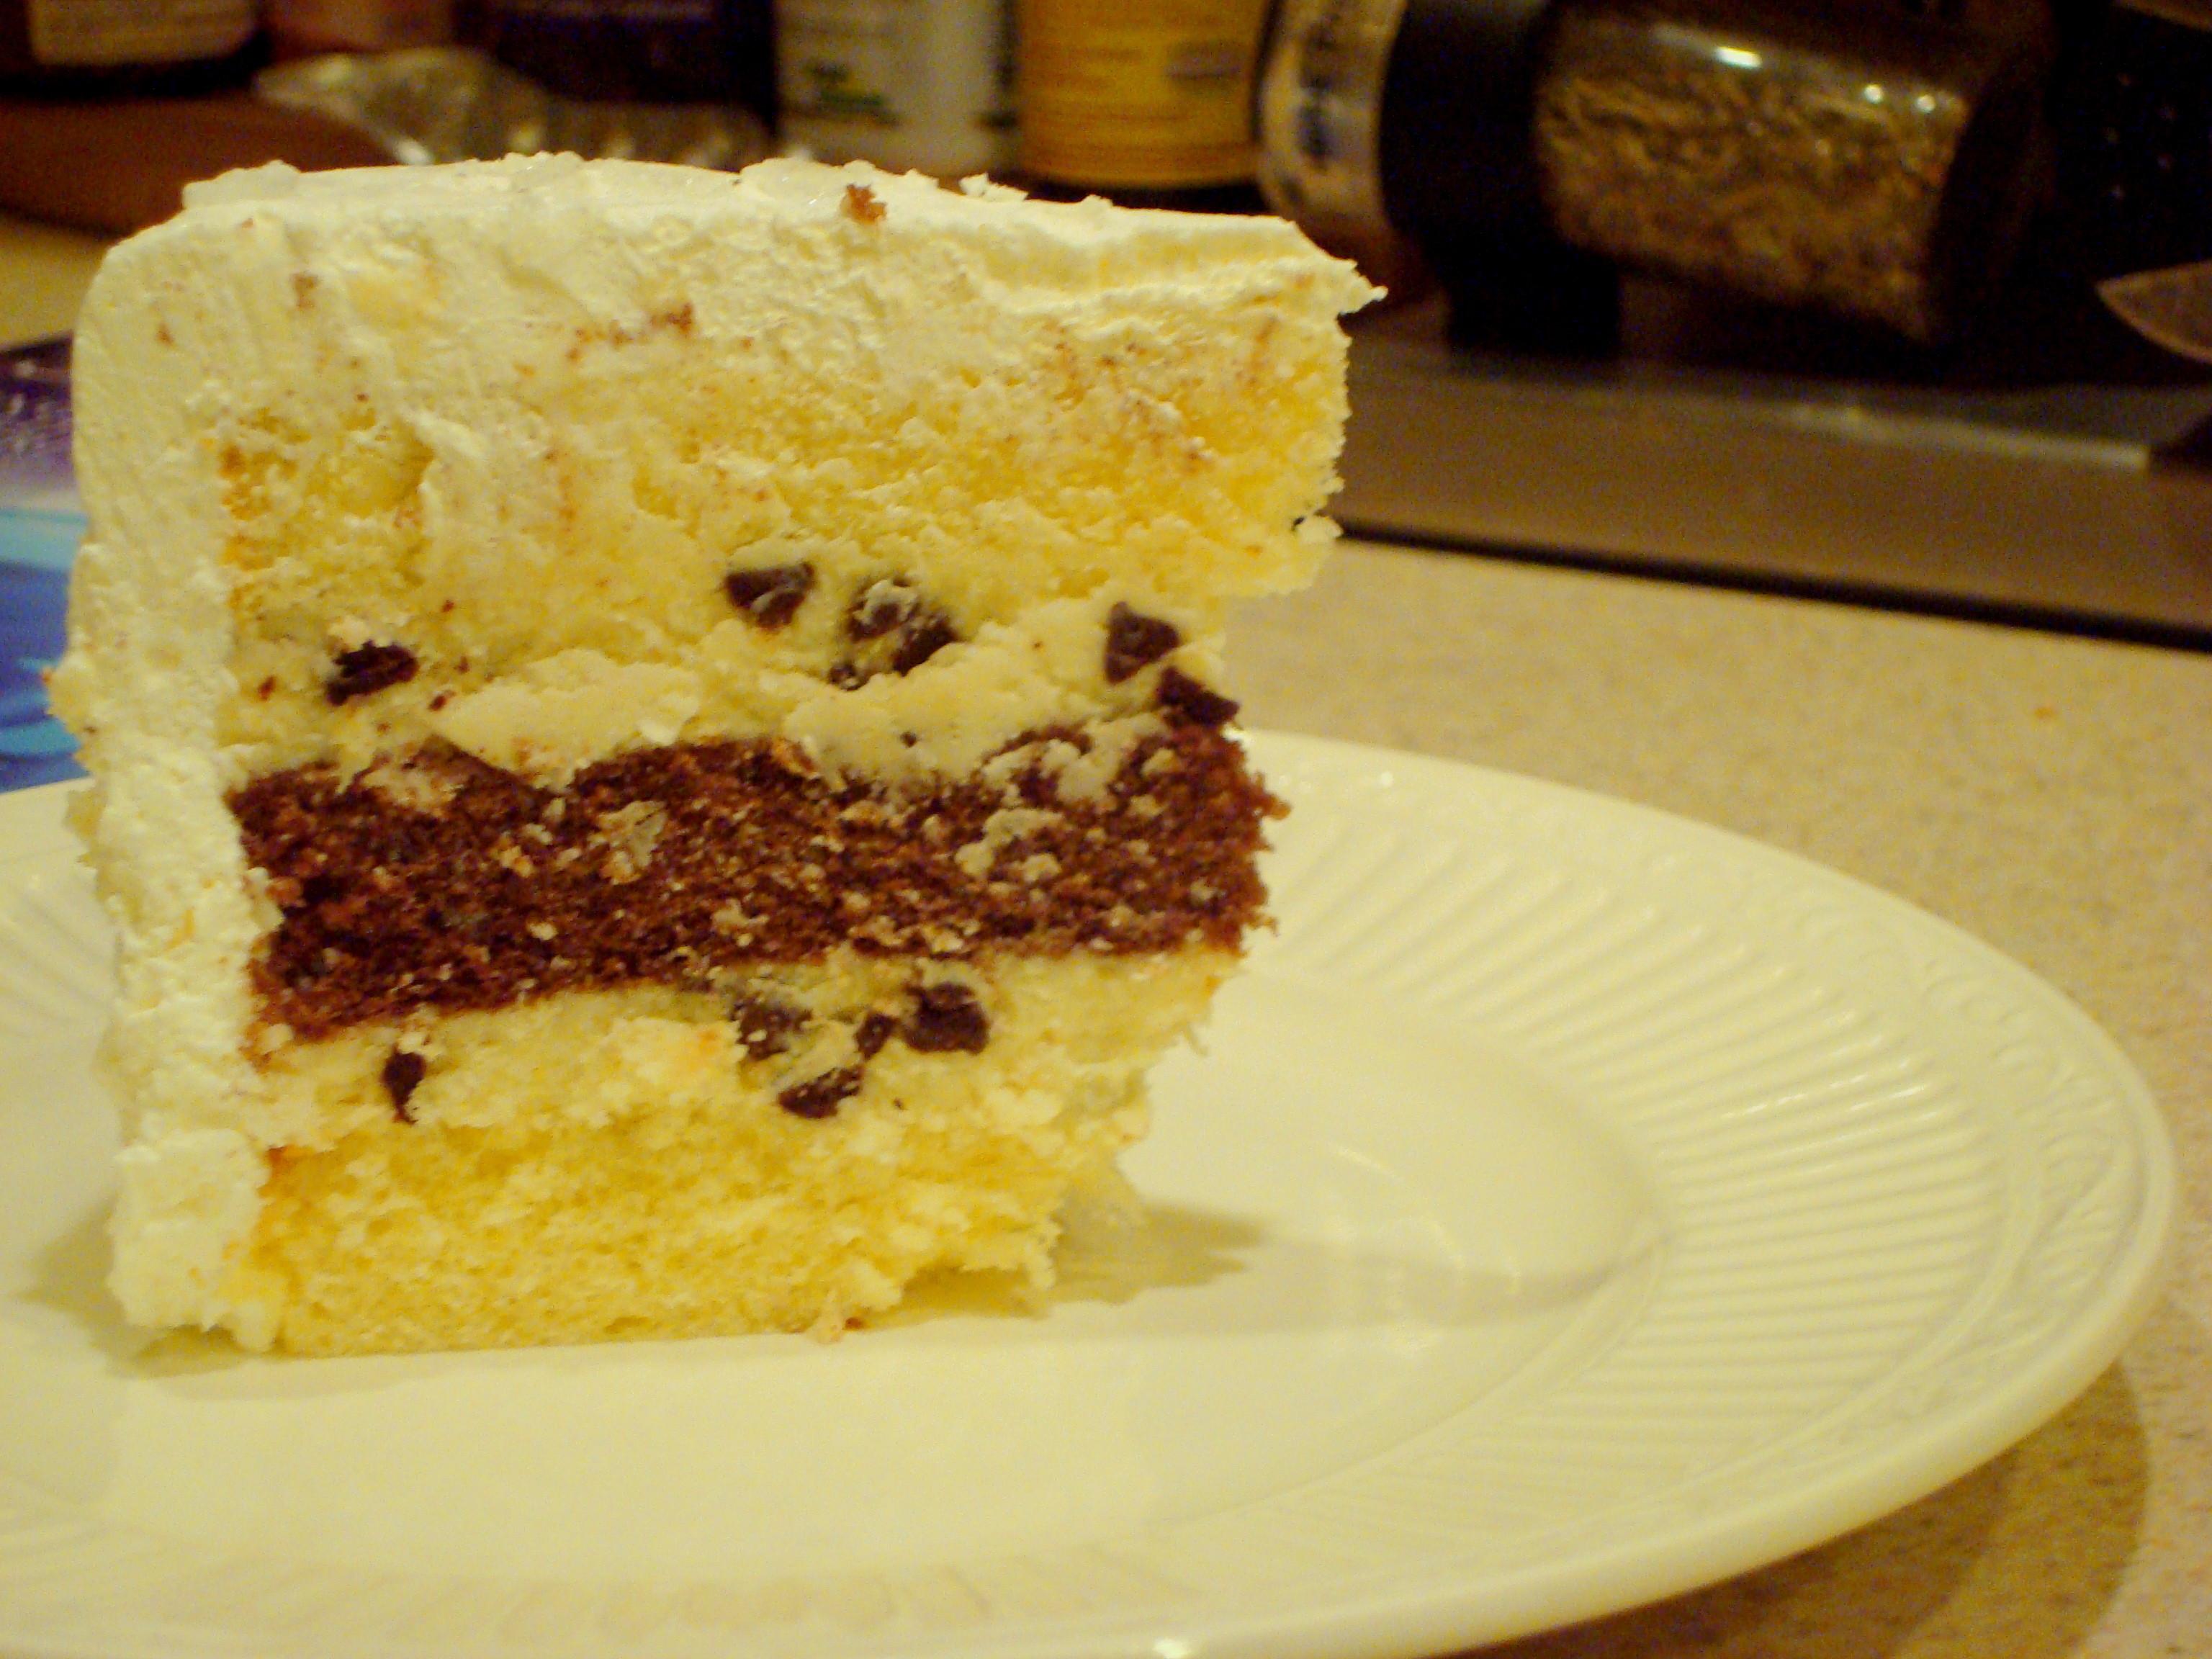 Cannoli Wedding Cakes  cannoli filling for wedding cake